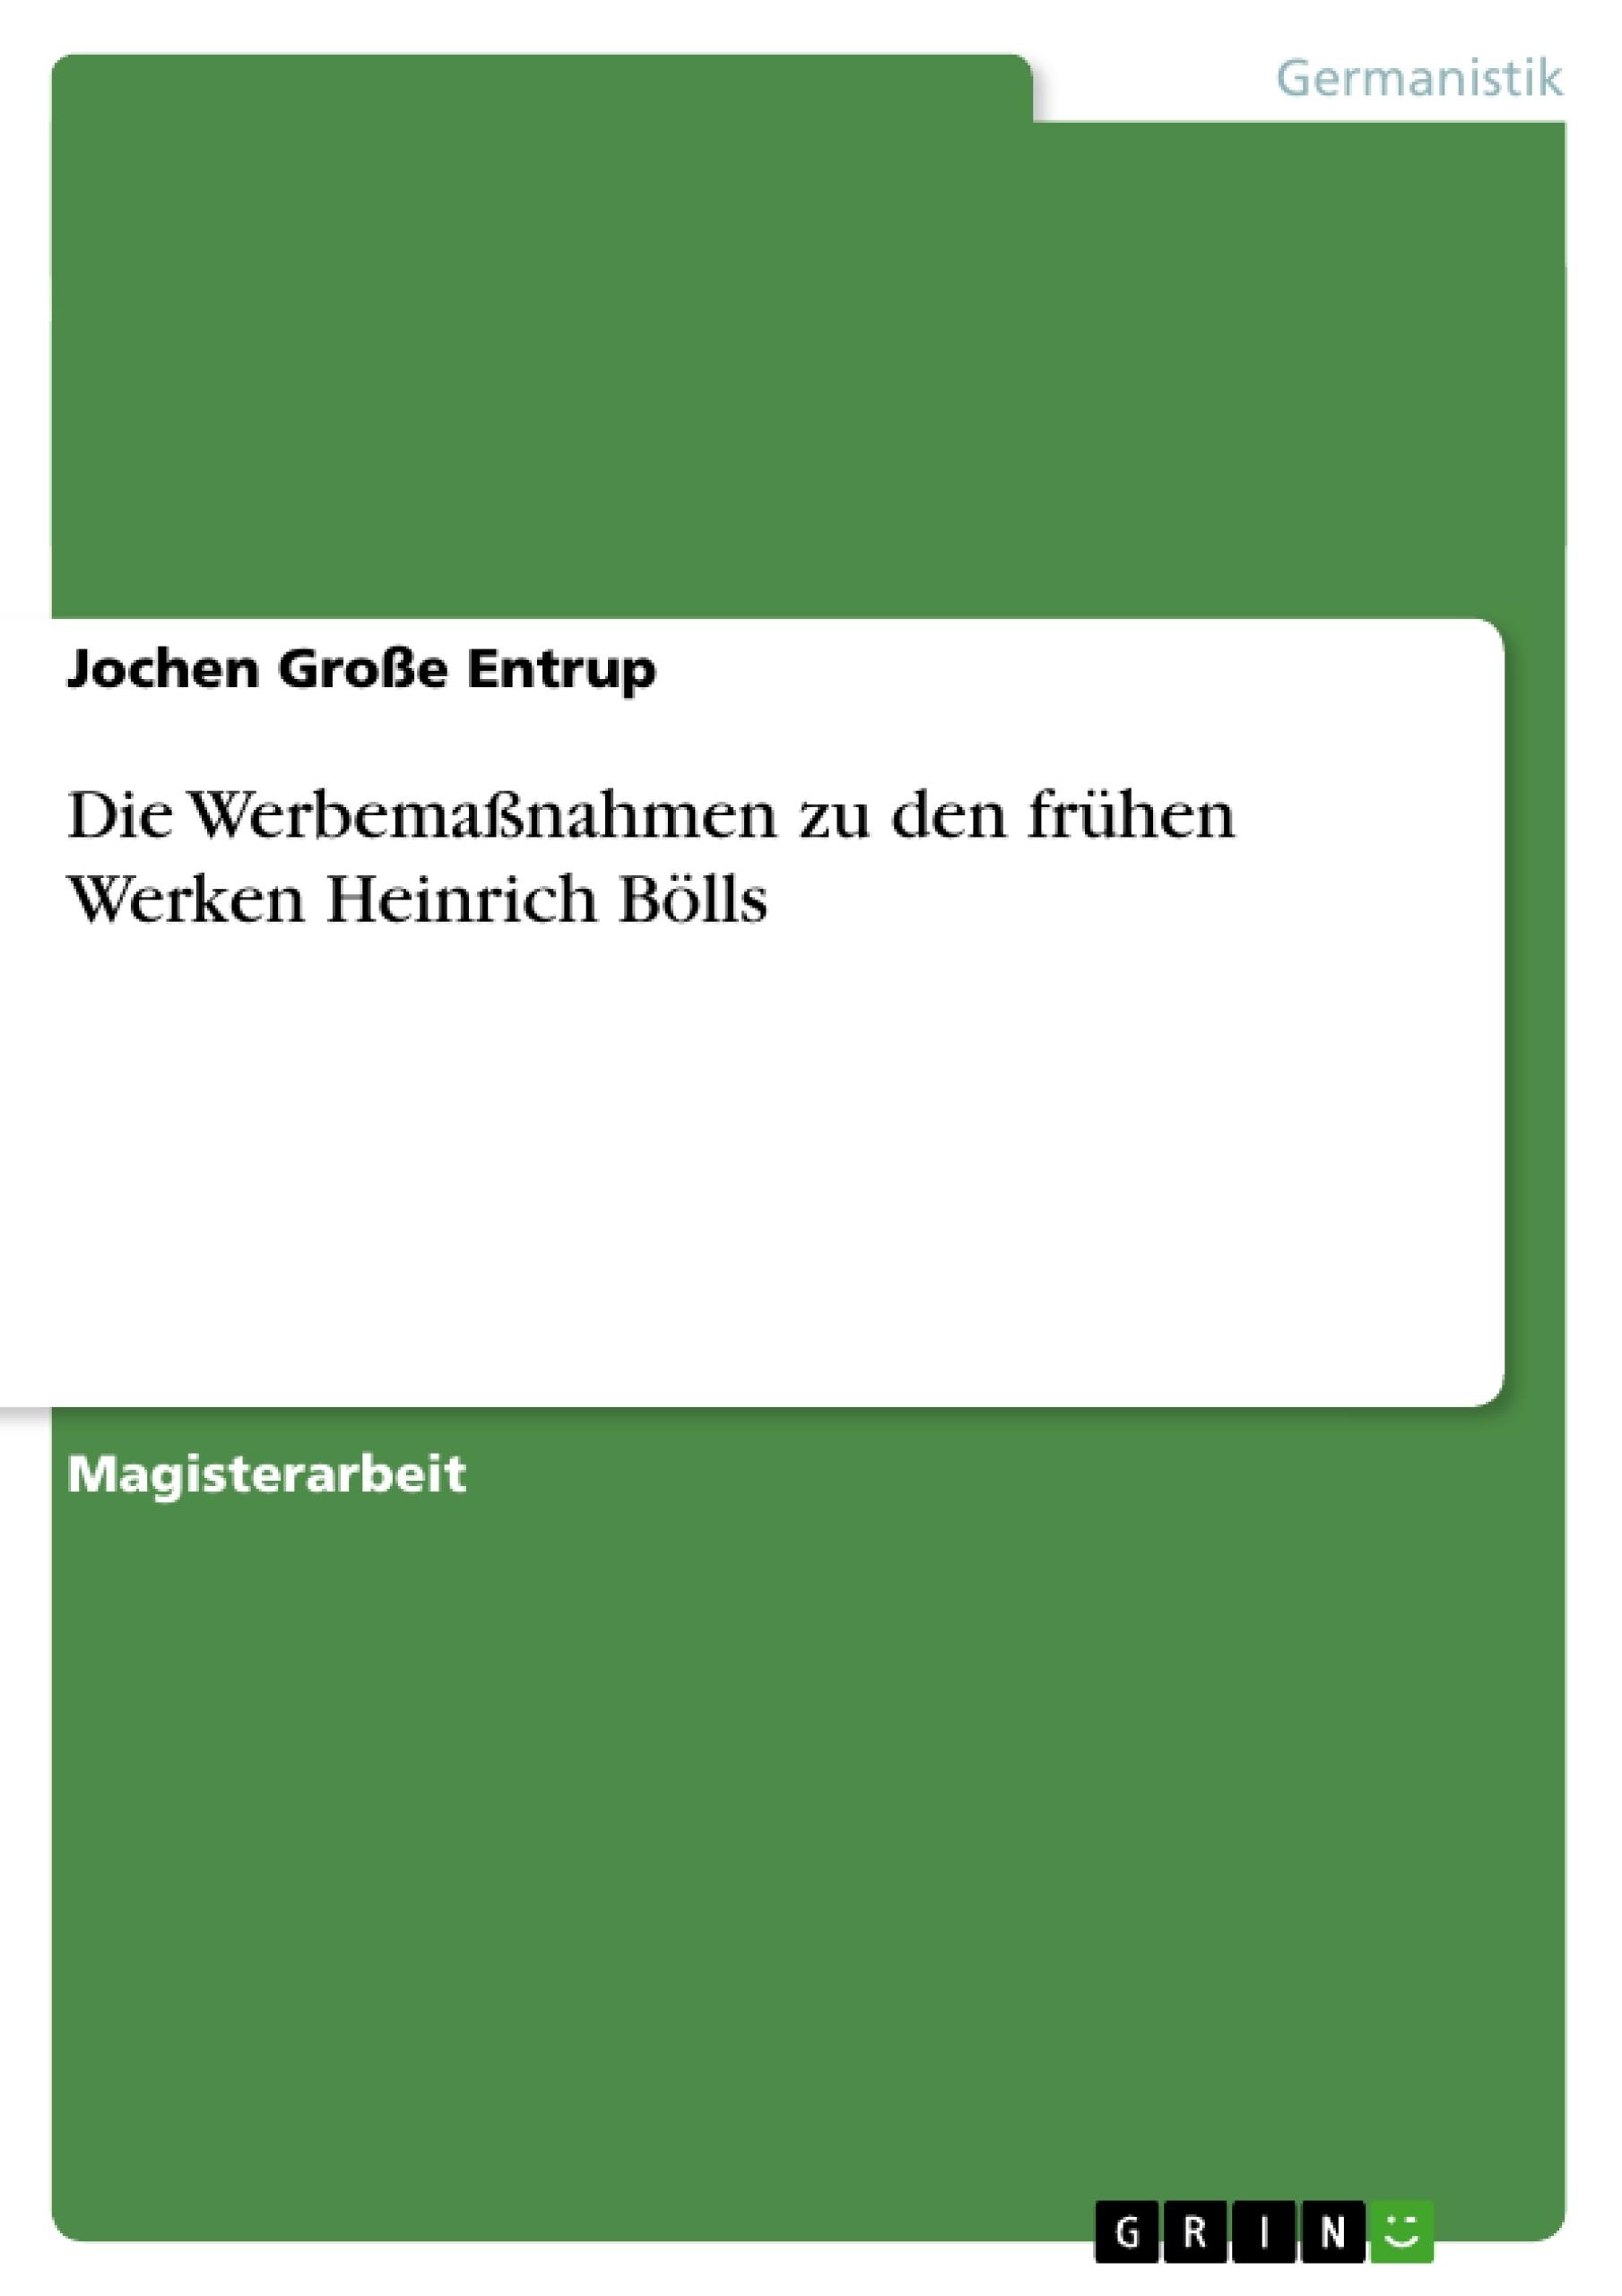 Titel: Die Werbemaßnahmen zu den frühen Werken Heinrich Bölls